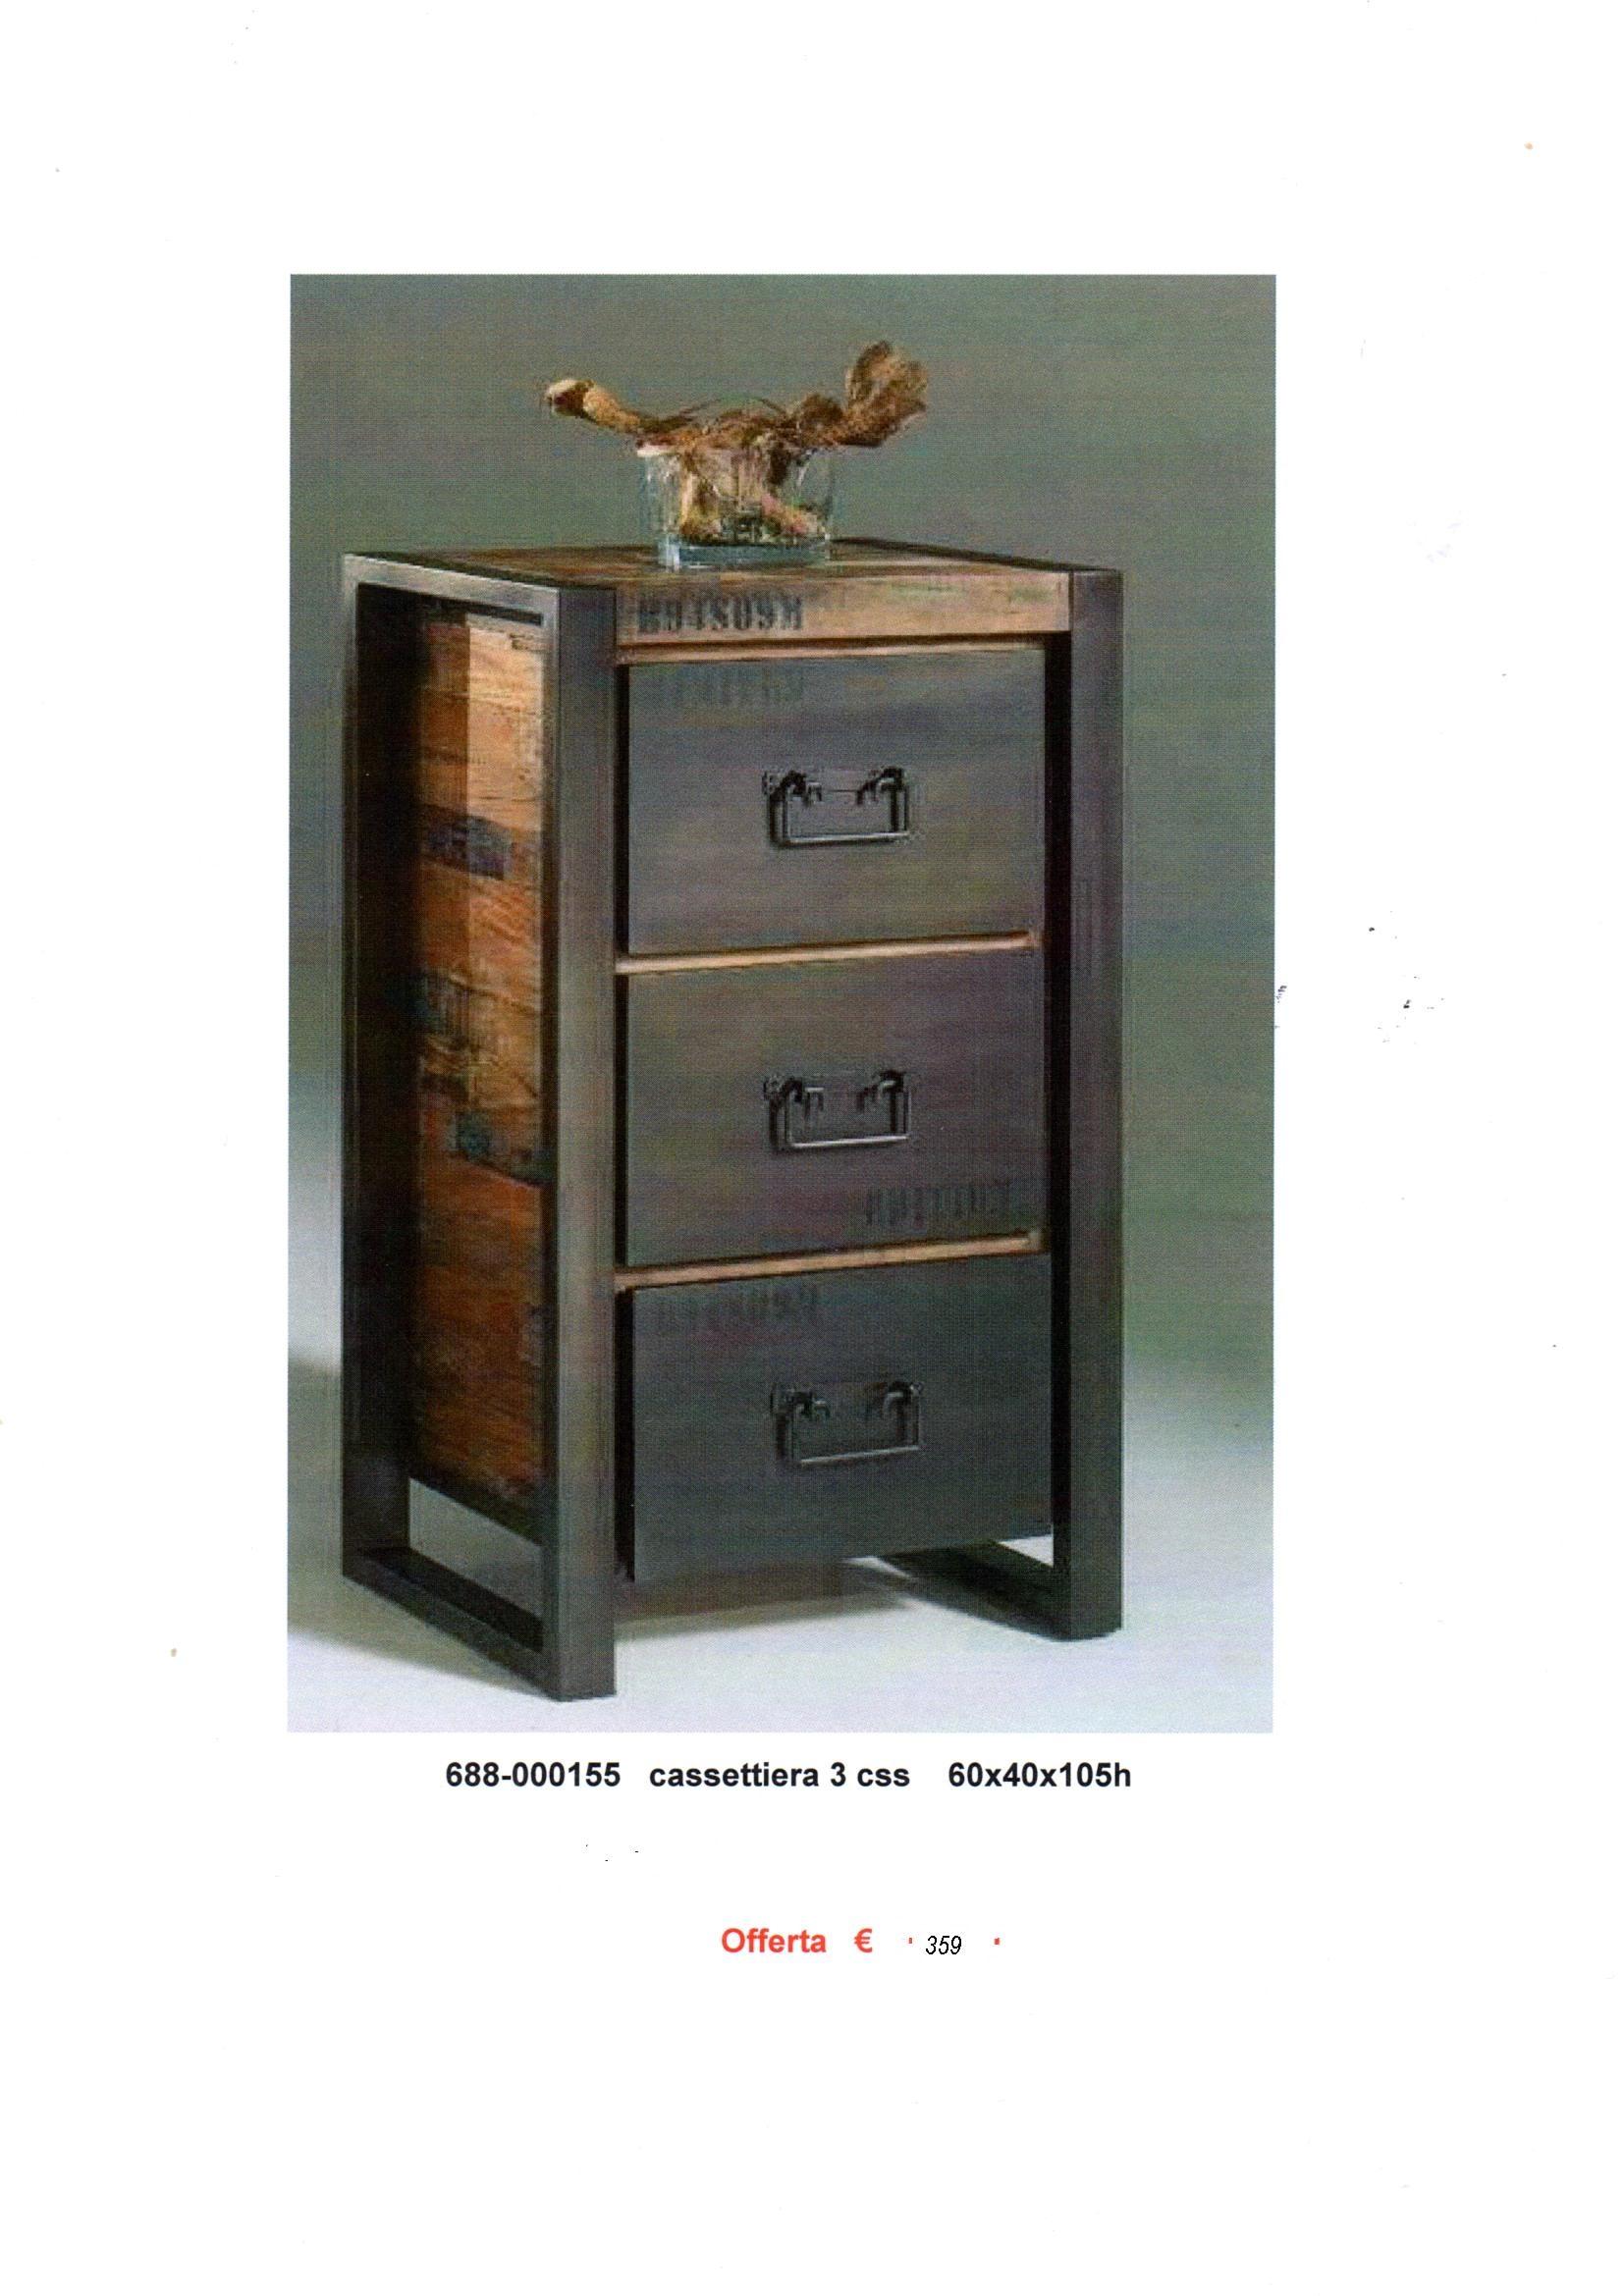 Cassettiera ferro legno parquet complementi a prezzi for Cassettiera legno